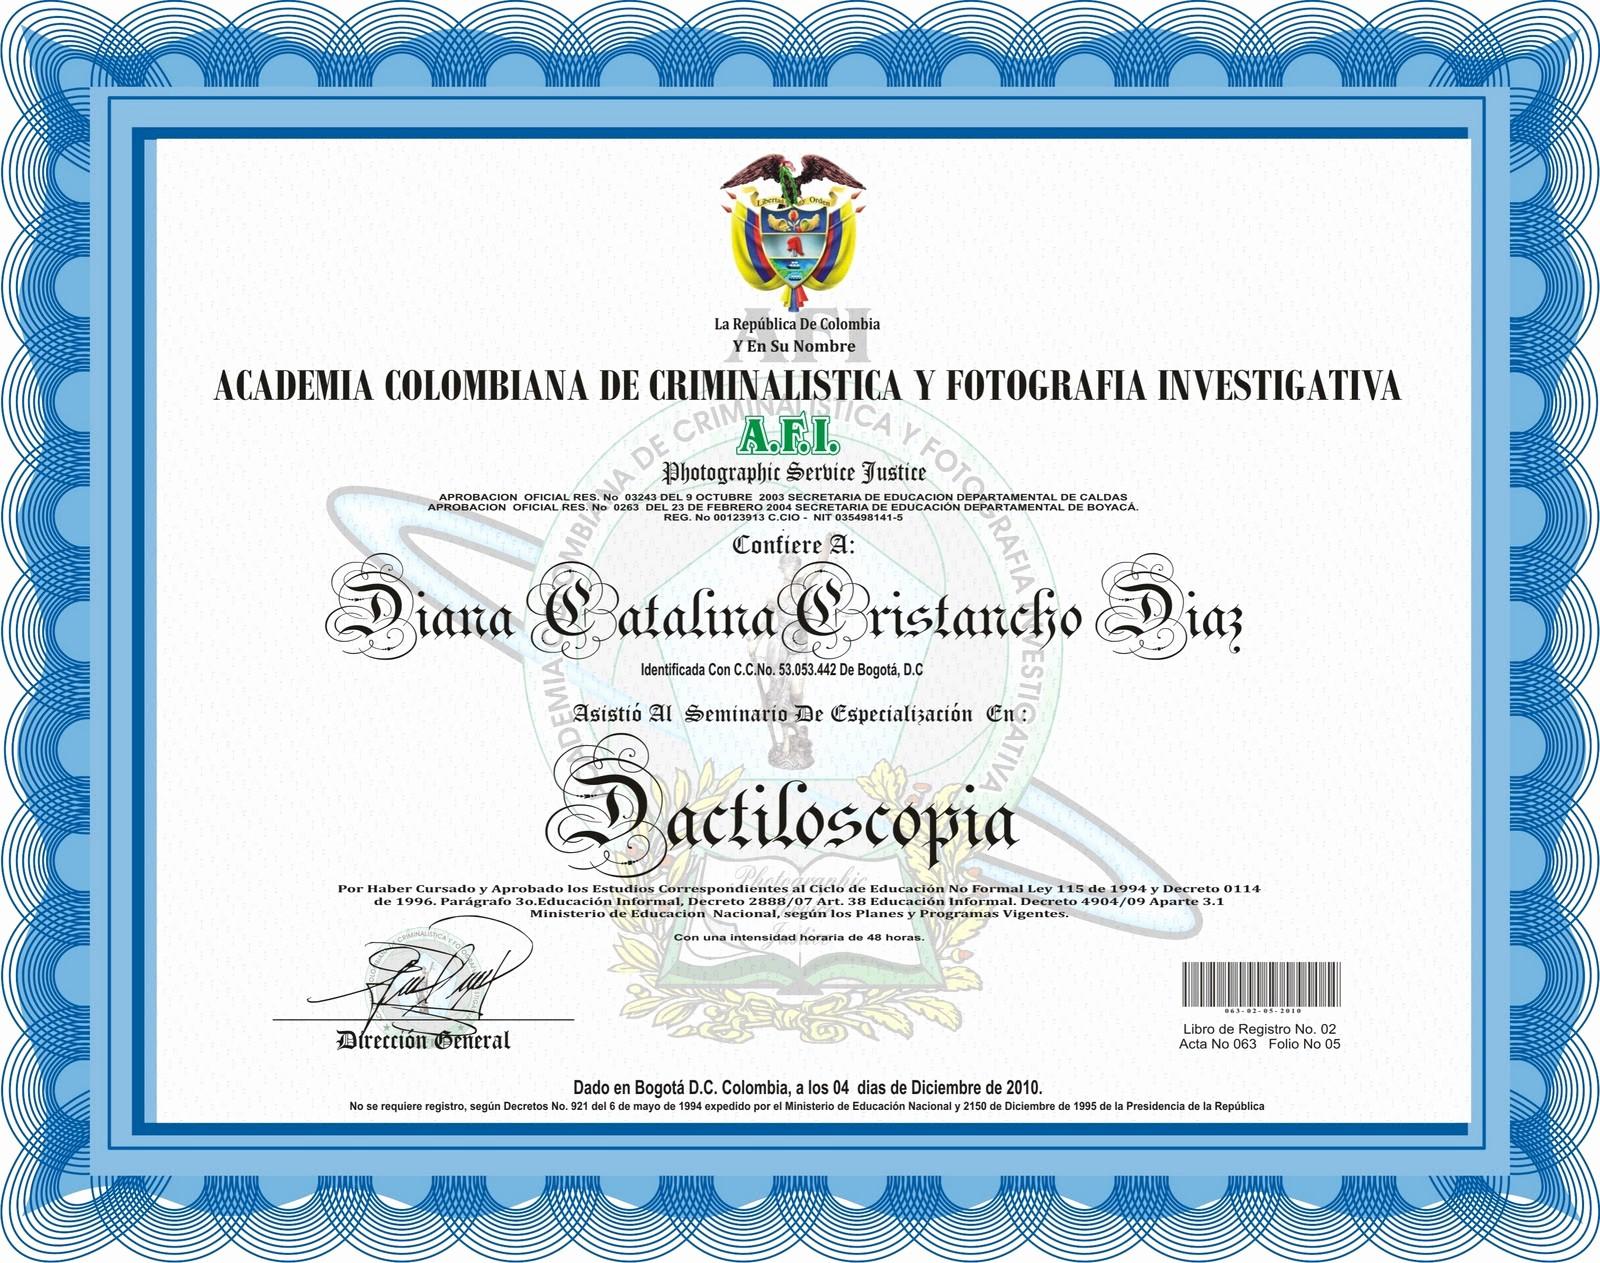 Formatos De Diplomas Para Modificar Fresh A F I Virtual Acreditacion